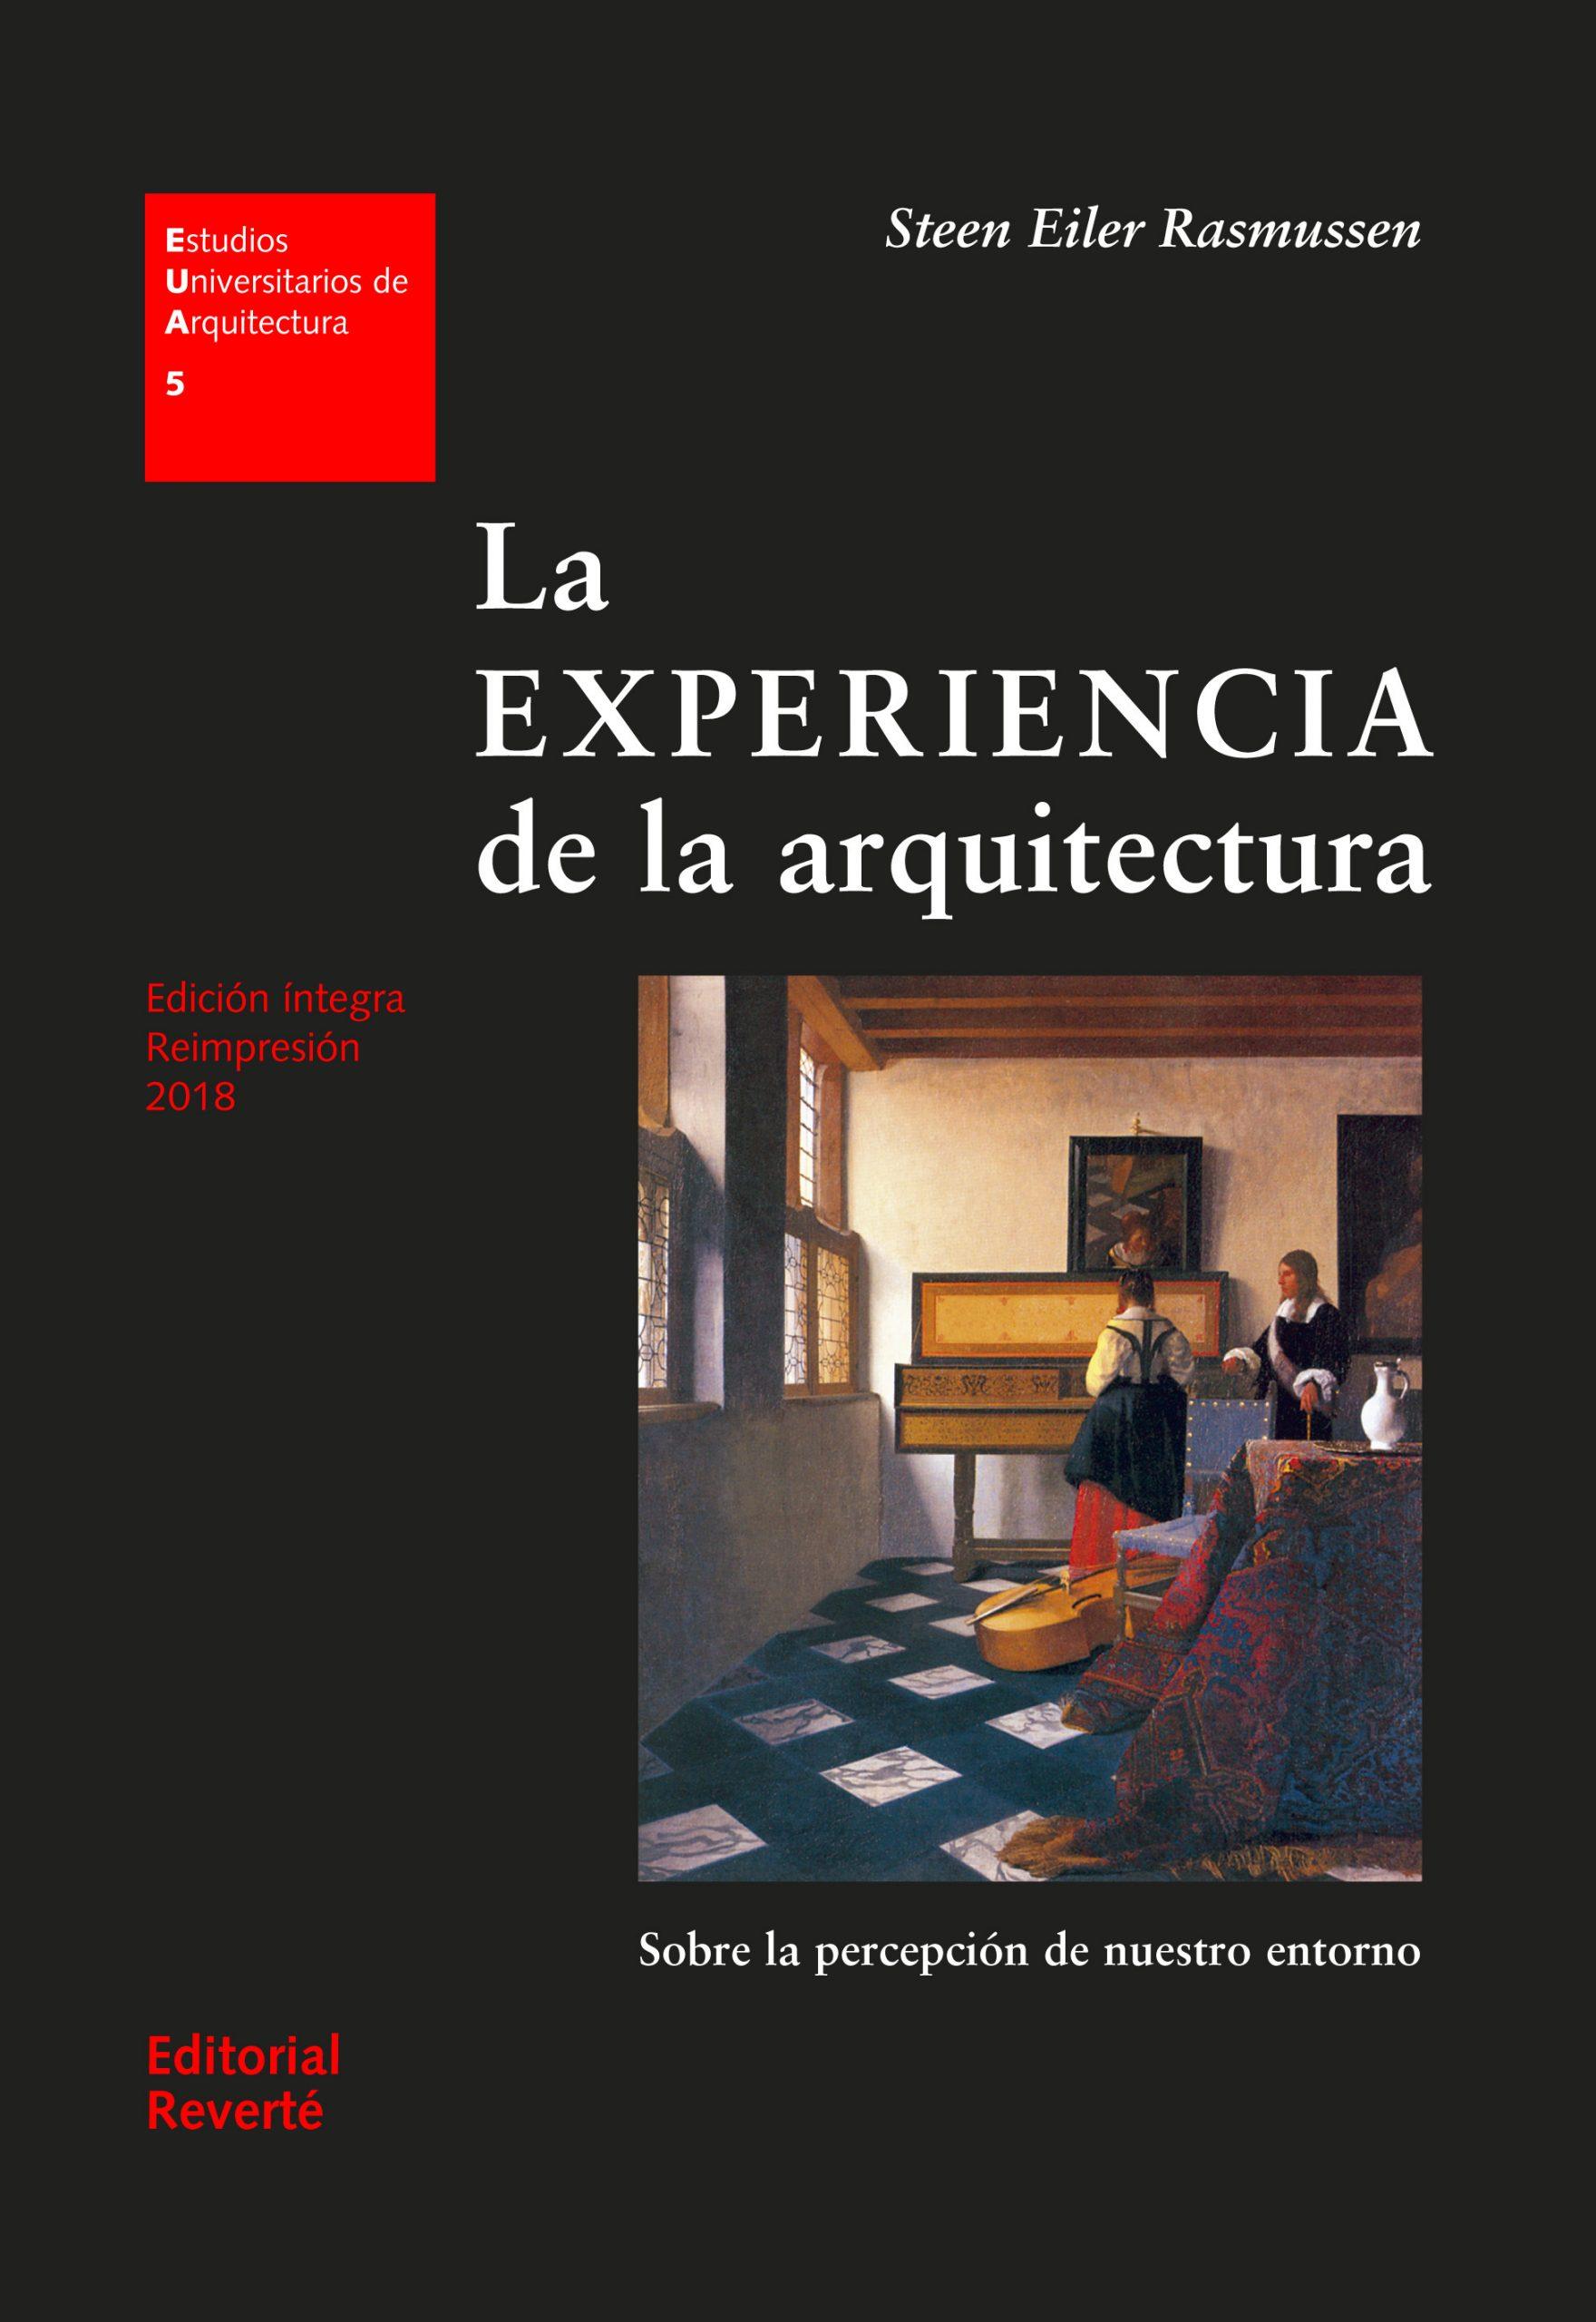 La experiencia de la arquitectura de Steen Eiler Rasmussen